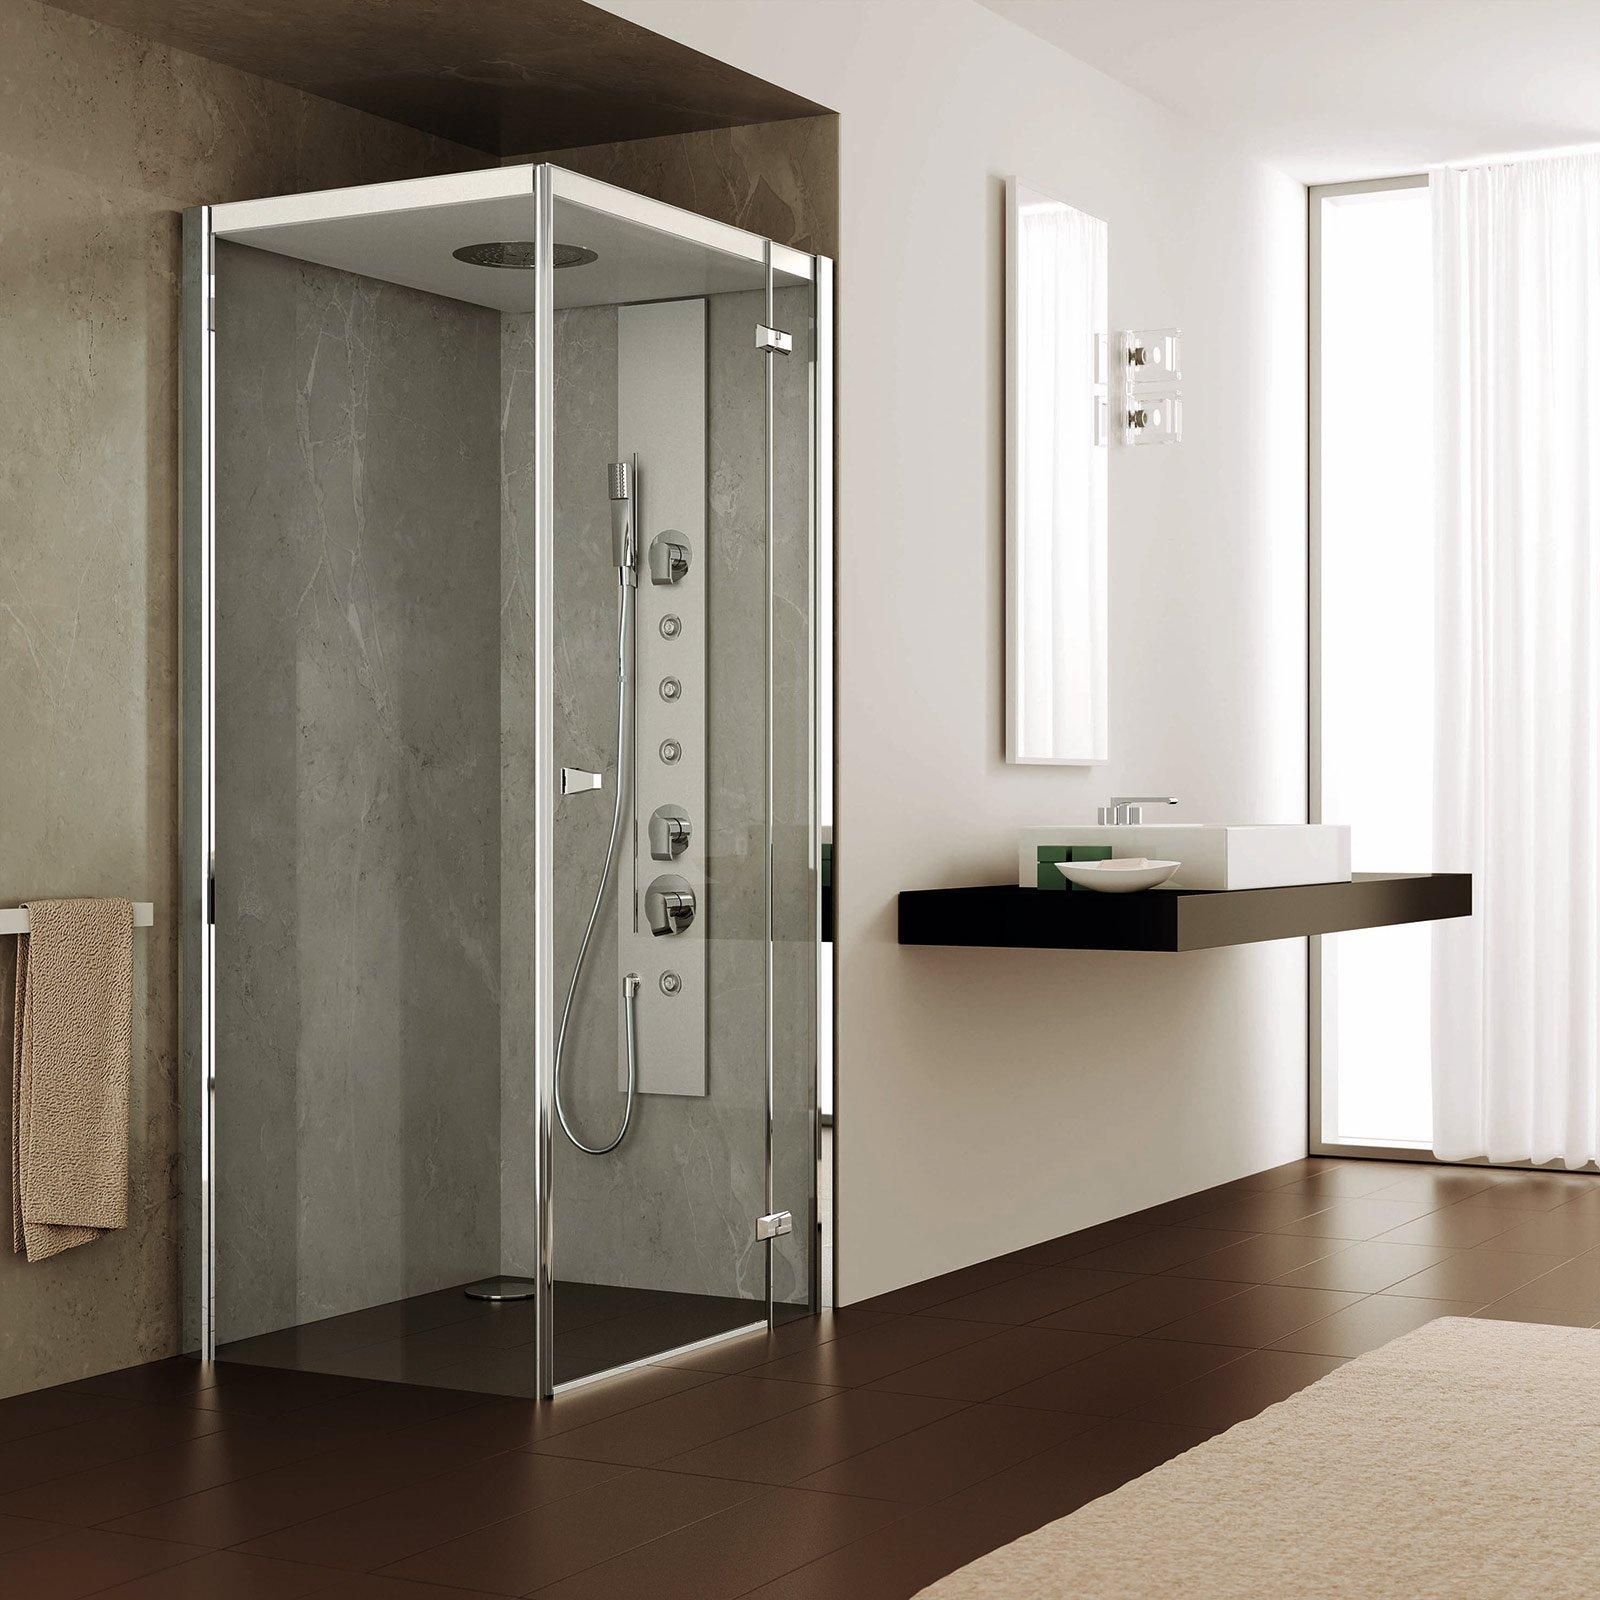 dotato di bagno turco con potenza 24 kw il box doccia ad angolo